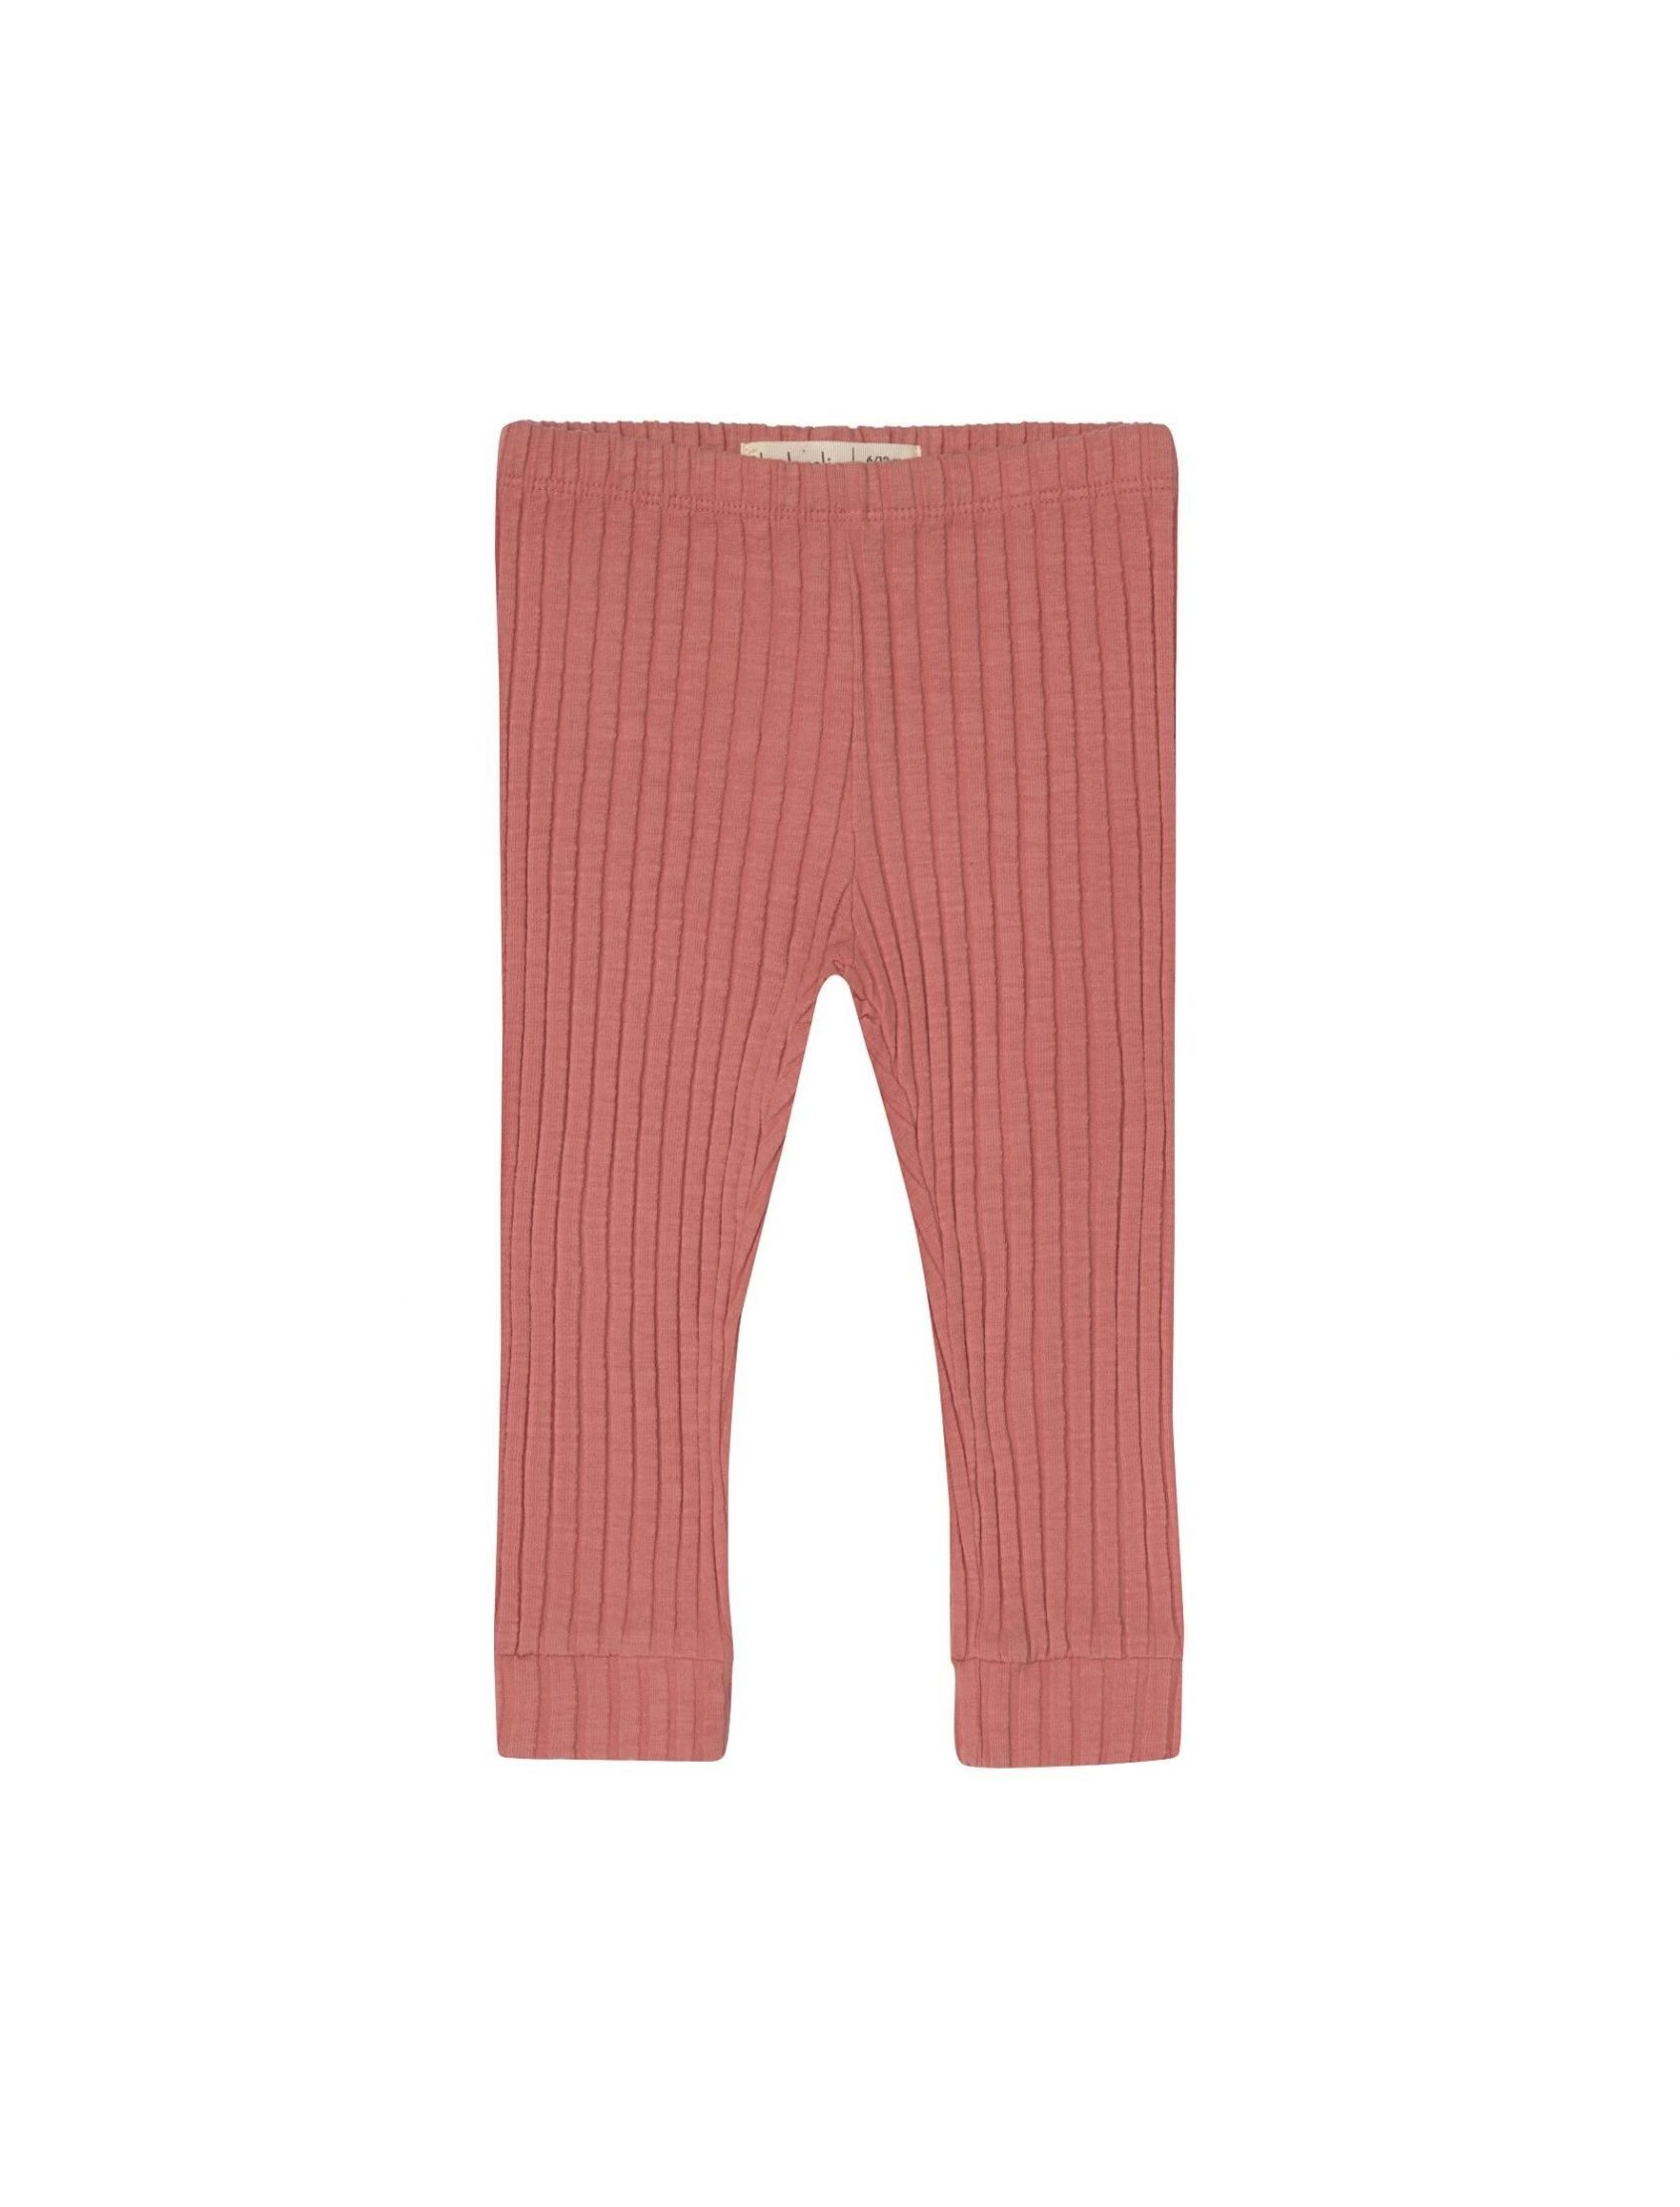 Legging unisex Rib en tono coral con goma en la cintura y punto canale